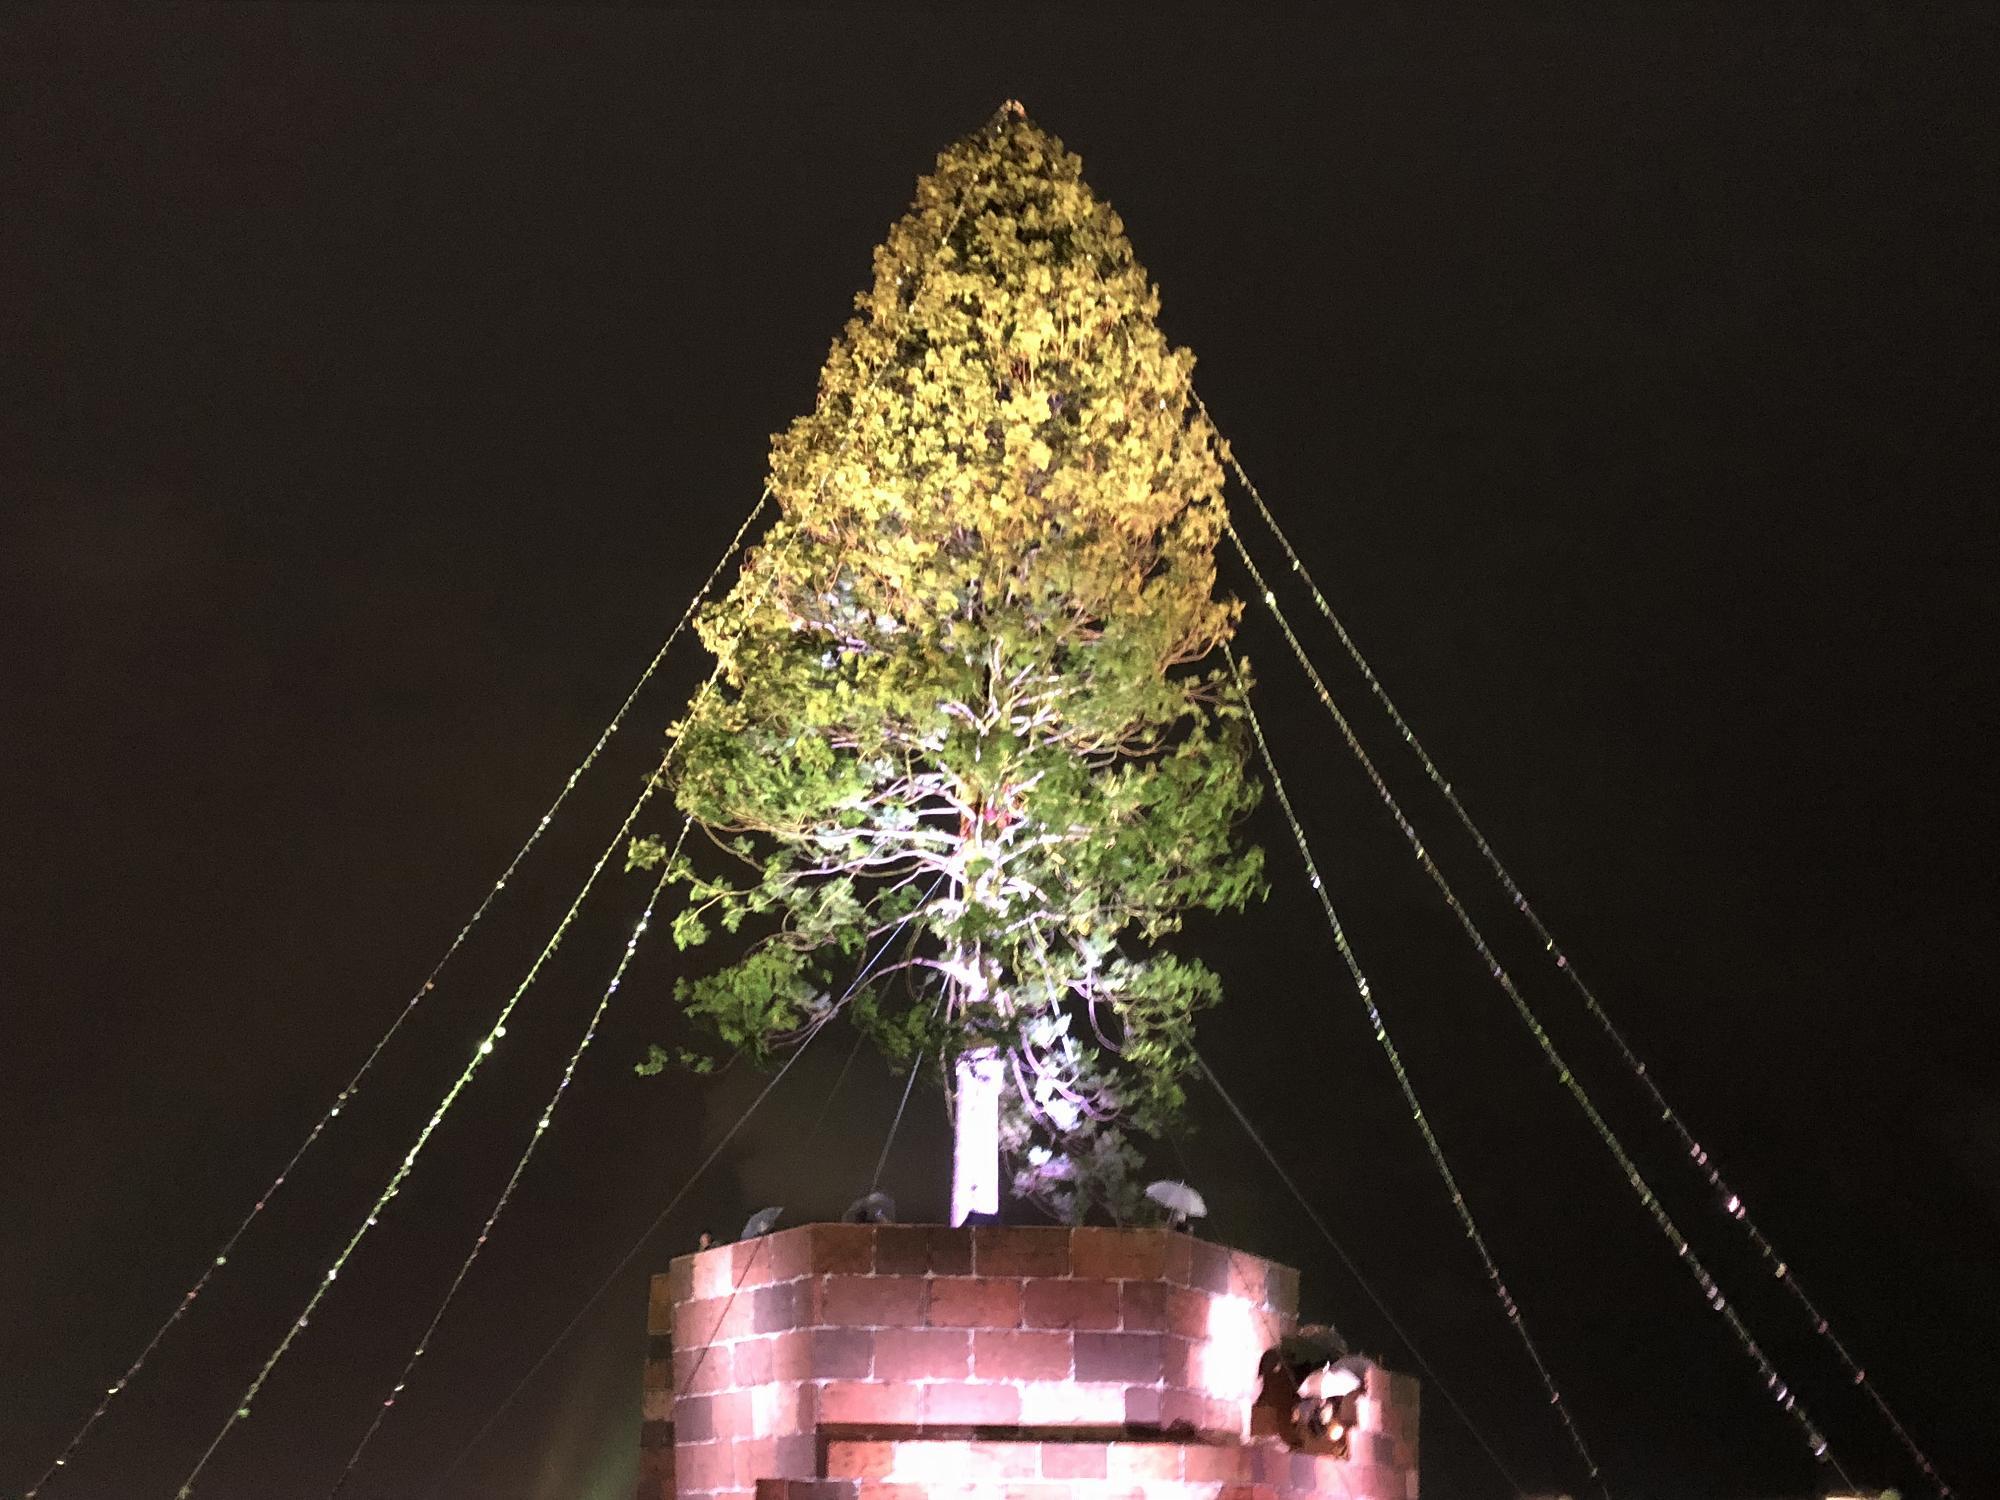 神戸メリケンパーク「世界一のクリスマスツリー」の見学と、ほぼ日の糸井重里さん× 西畠清順さんのトークイベントに参加してきた! #世界一のクリスマスツリー #プラントハンター #ほぼ日 #糸井重里